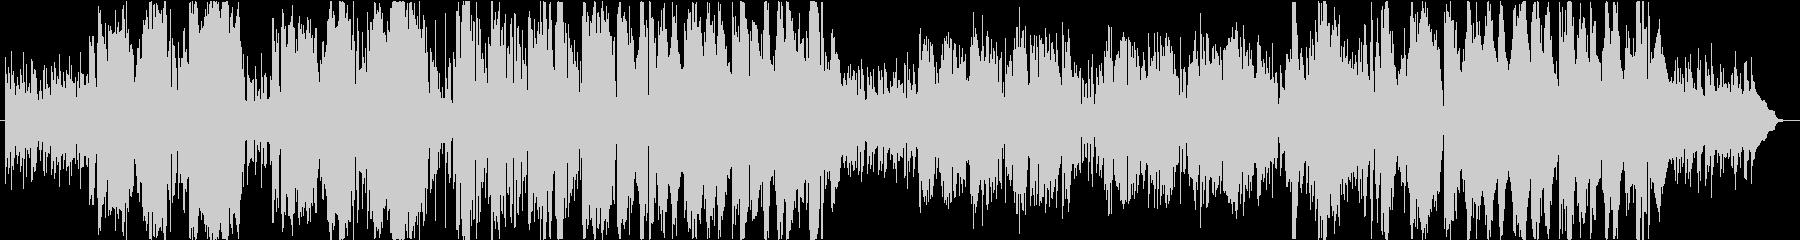 ブルージーなfunkインスト曲の未再生の波形